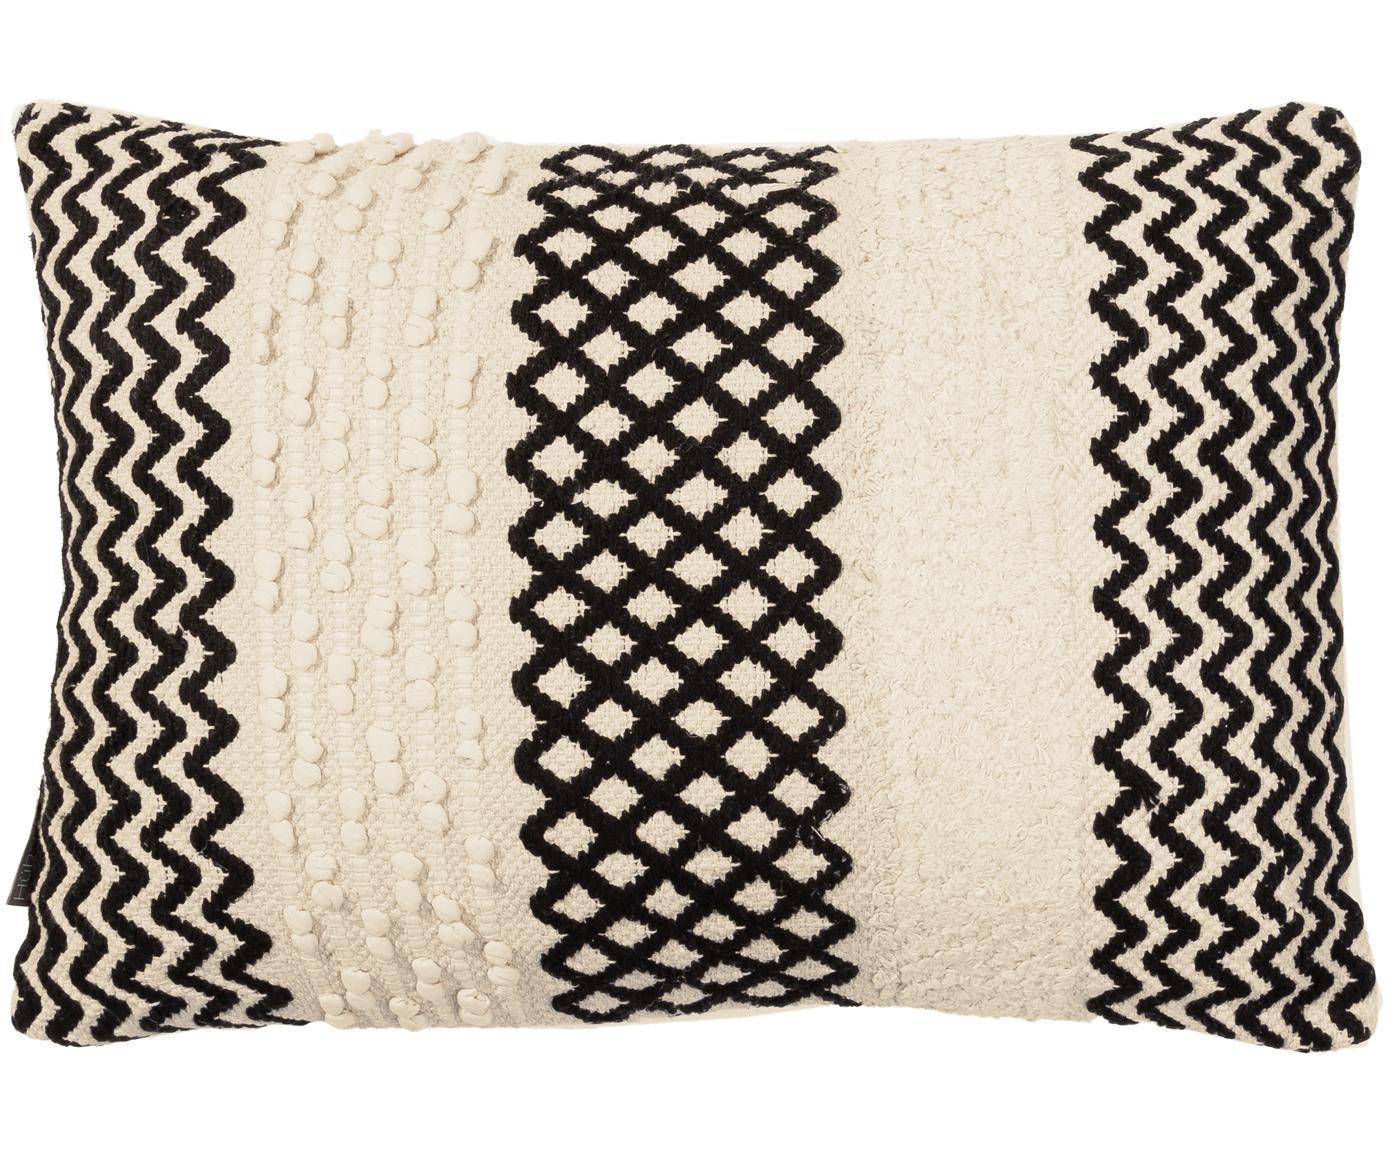 Kussenhoes Loa, Katoen, Crèmekleurig, zwart, 40 x 60 cm